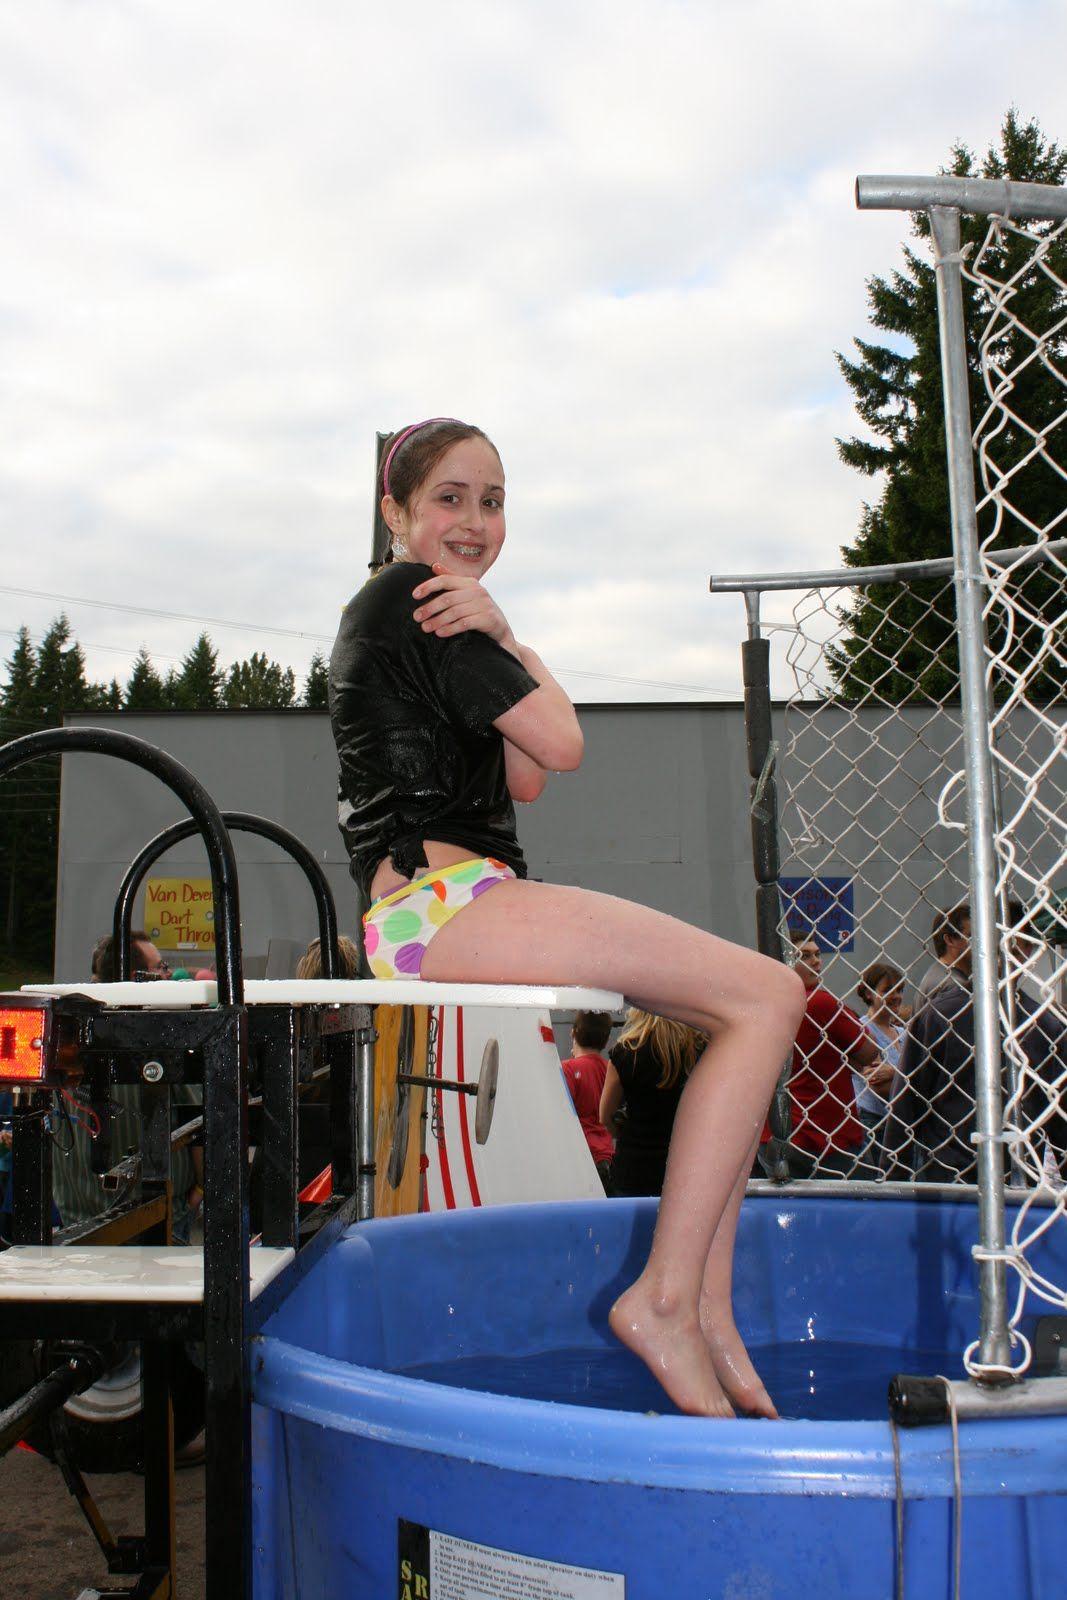 hot women in dunk tanks